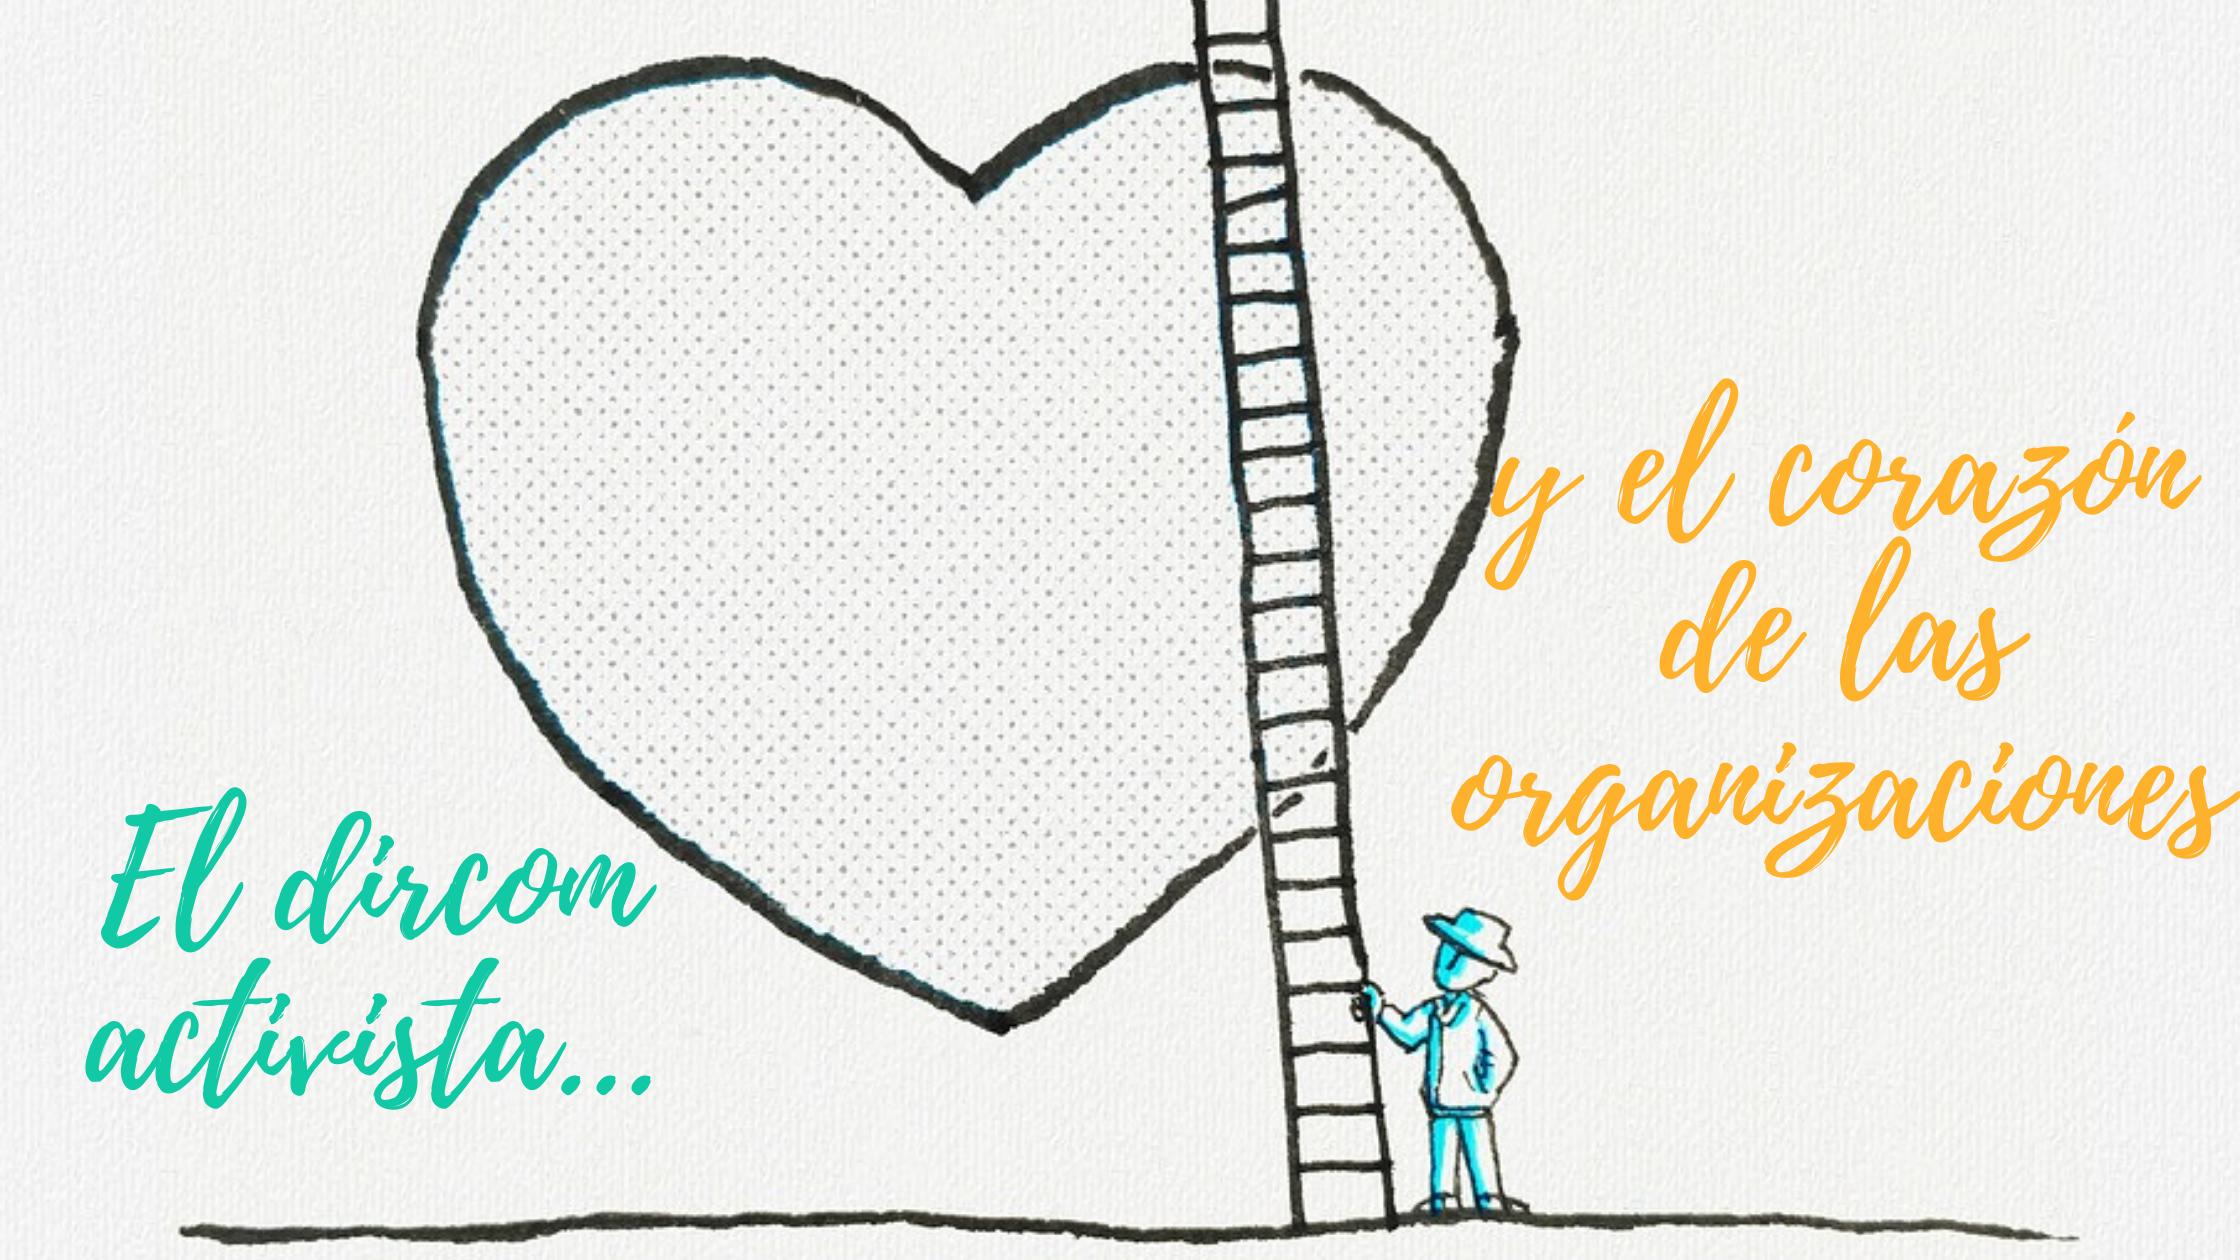 El dircom activista y el corazón de las organizaciones